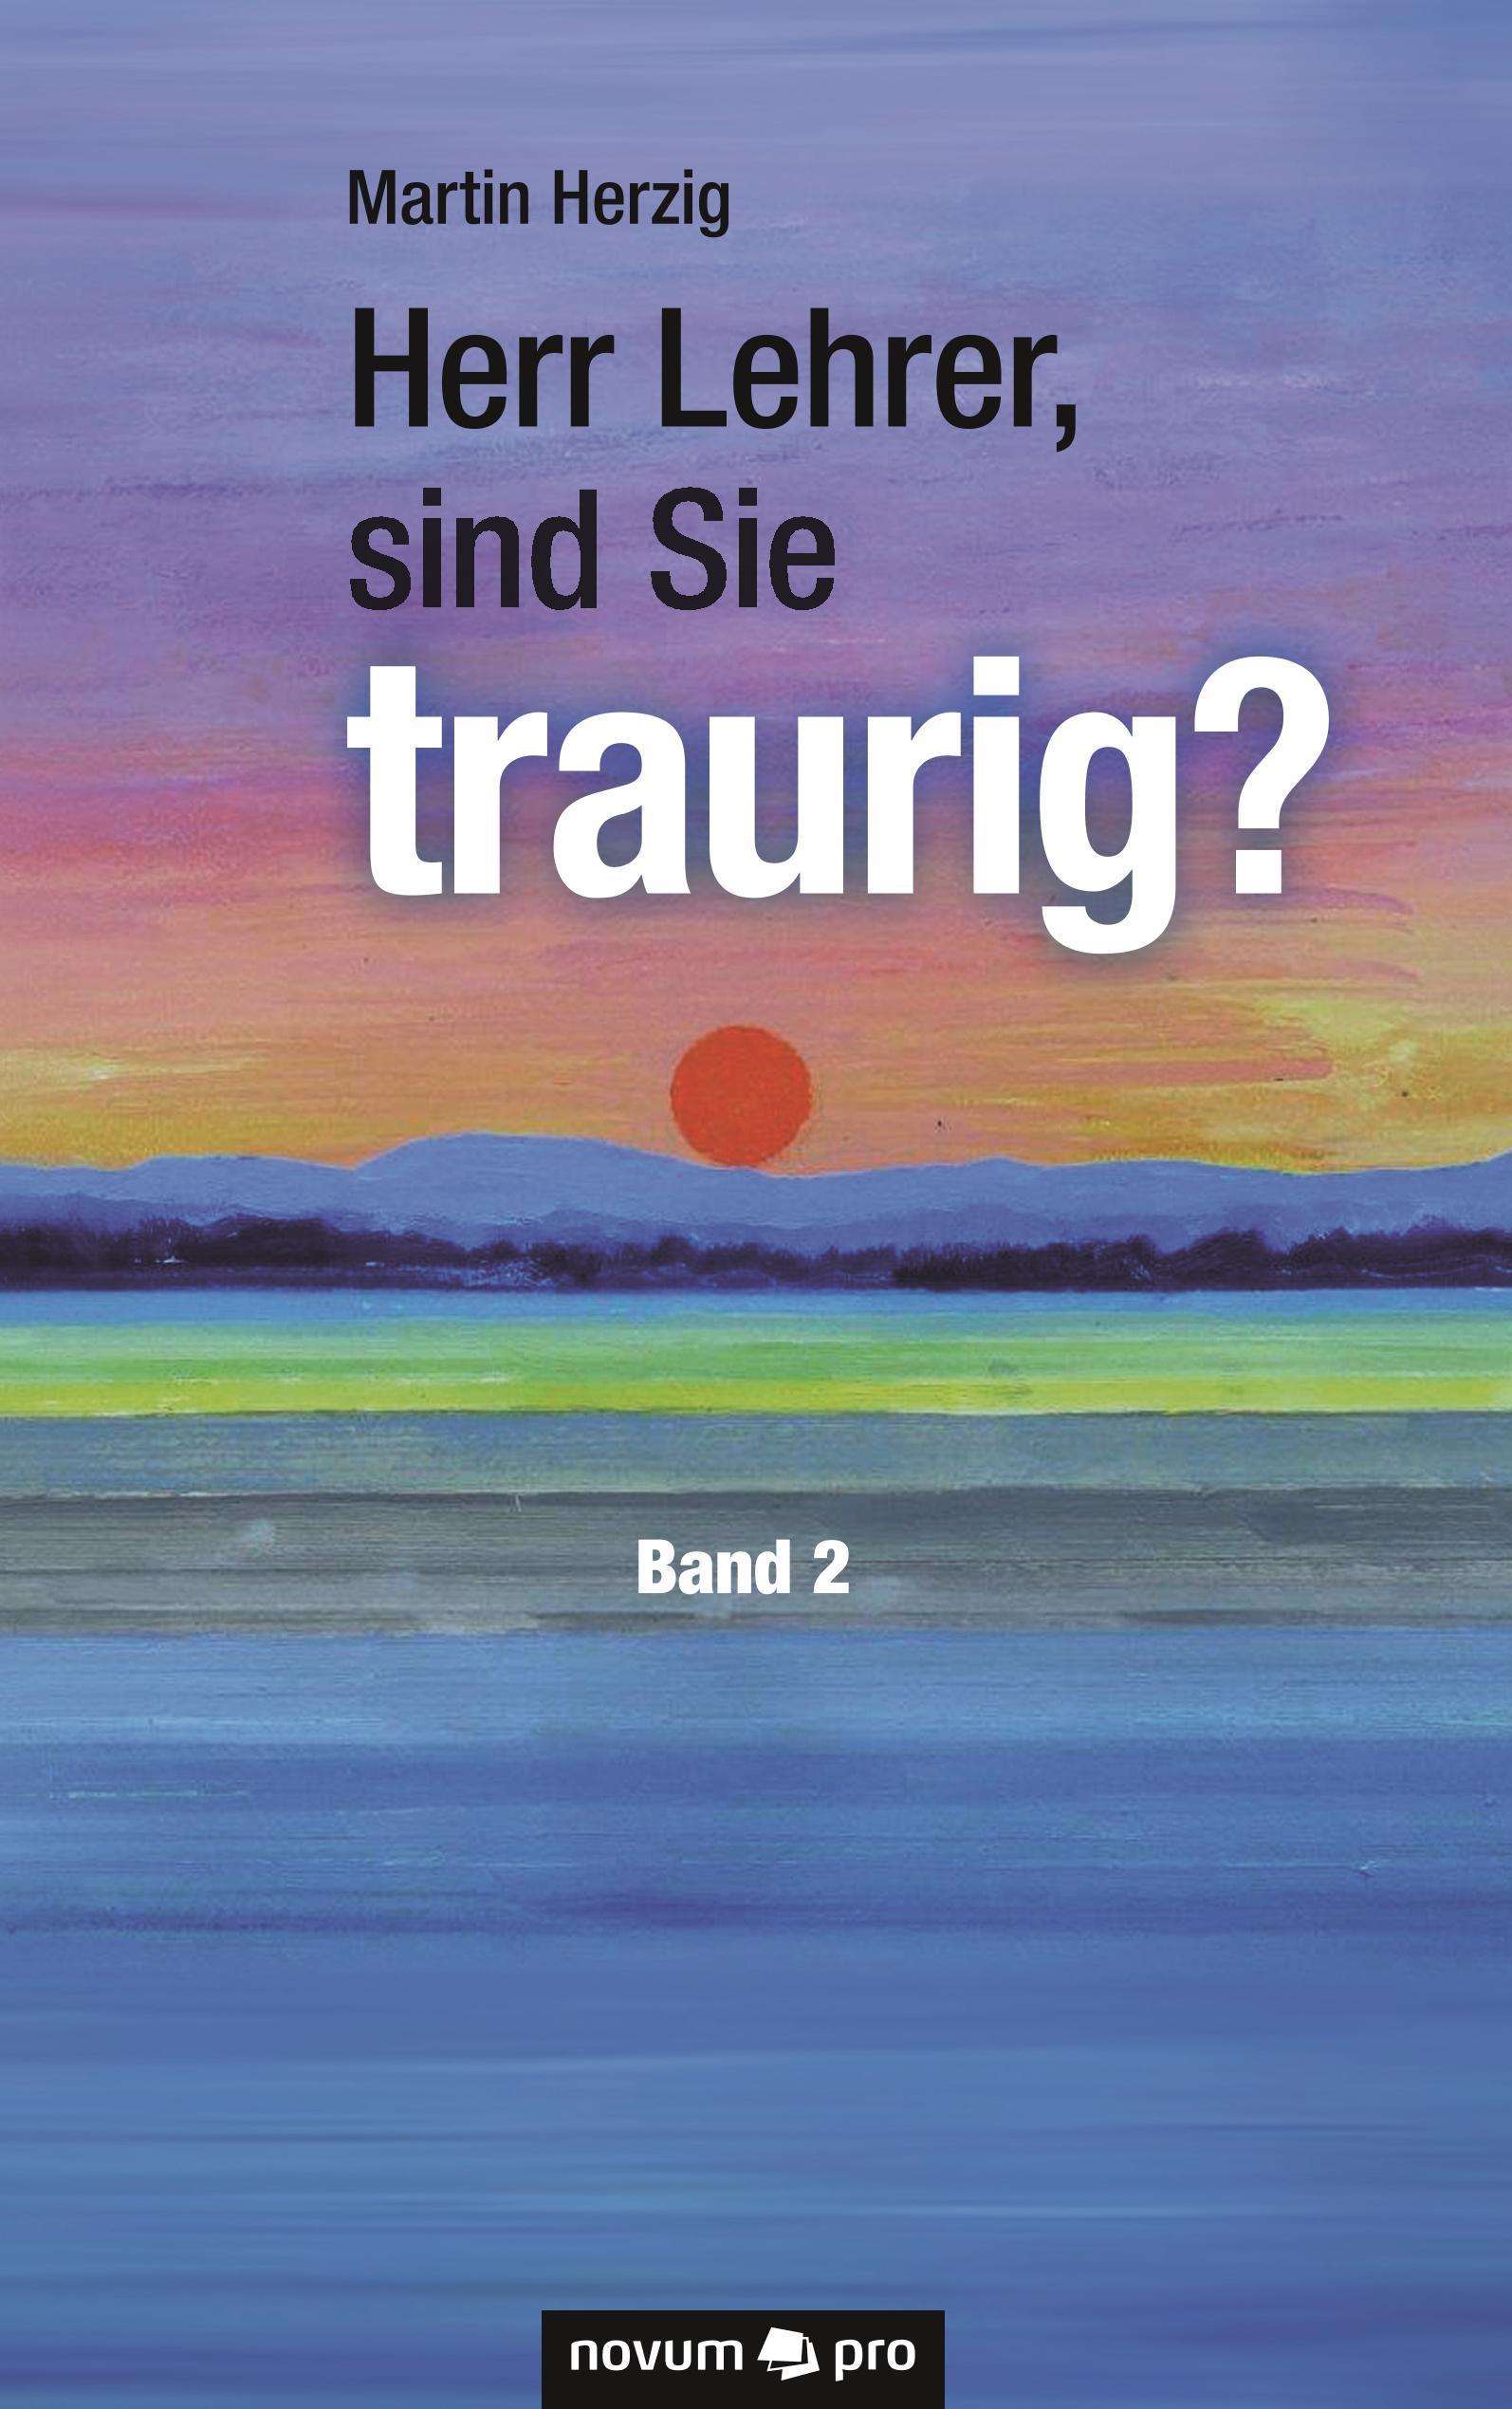 Herr-Lehrer-sind-Sie-traurig-Band-2-Martin-Herzig